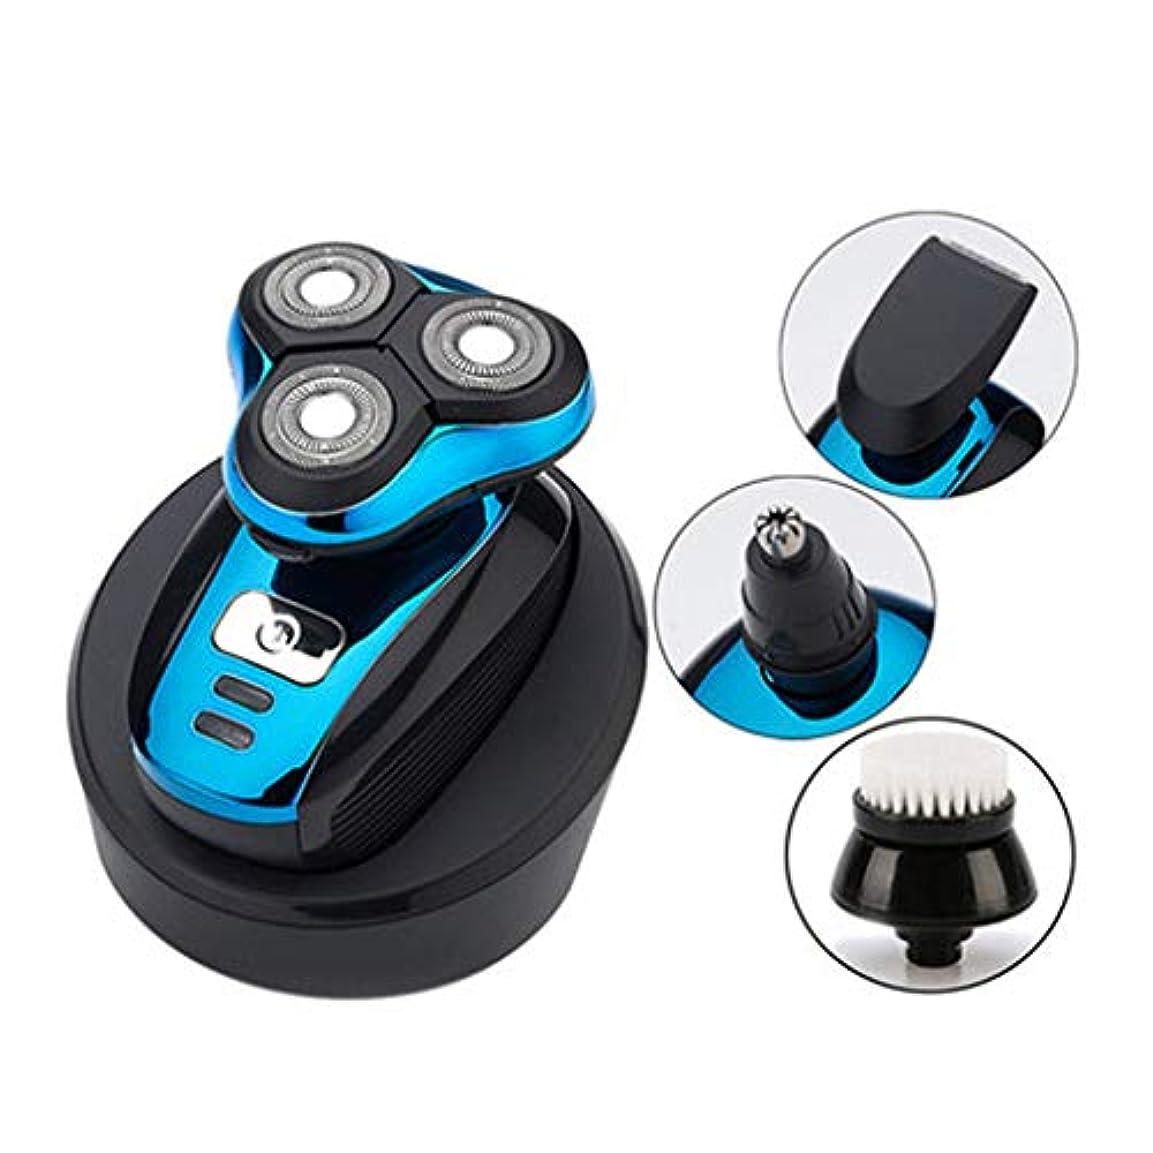 農夫ダニチューリップ小型電気かみそり、メンズ充電コードレス多機能トリマー/ホーン/鼻毛/クレンジング/散髪、防水デザイン